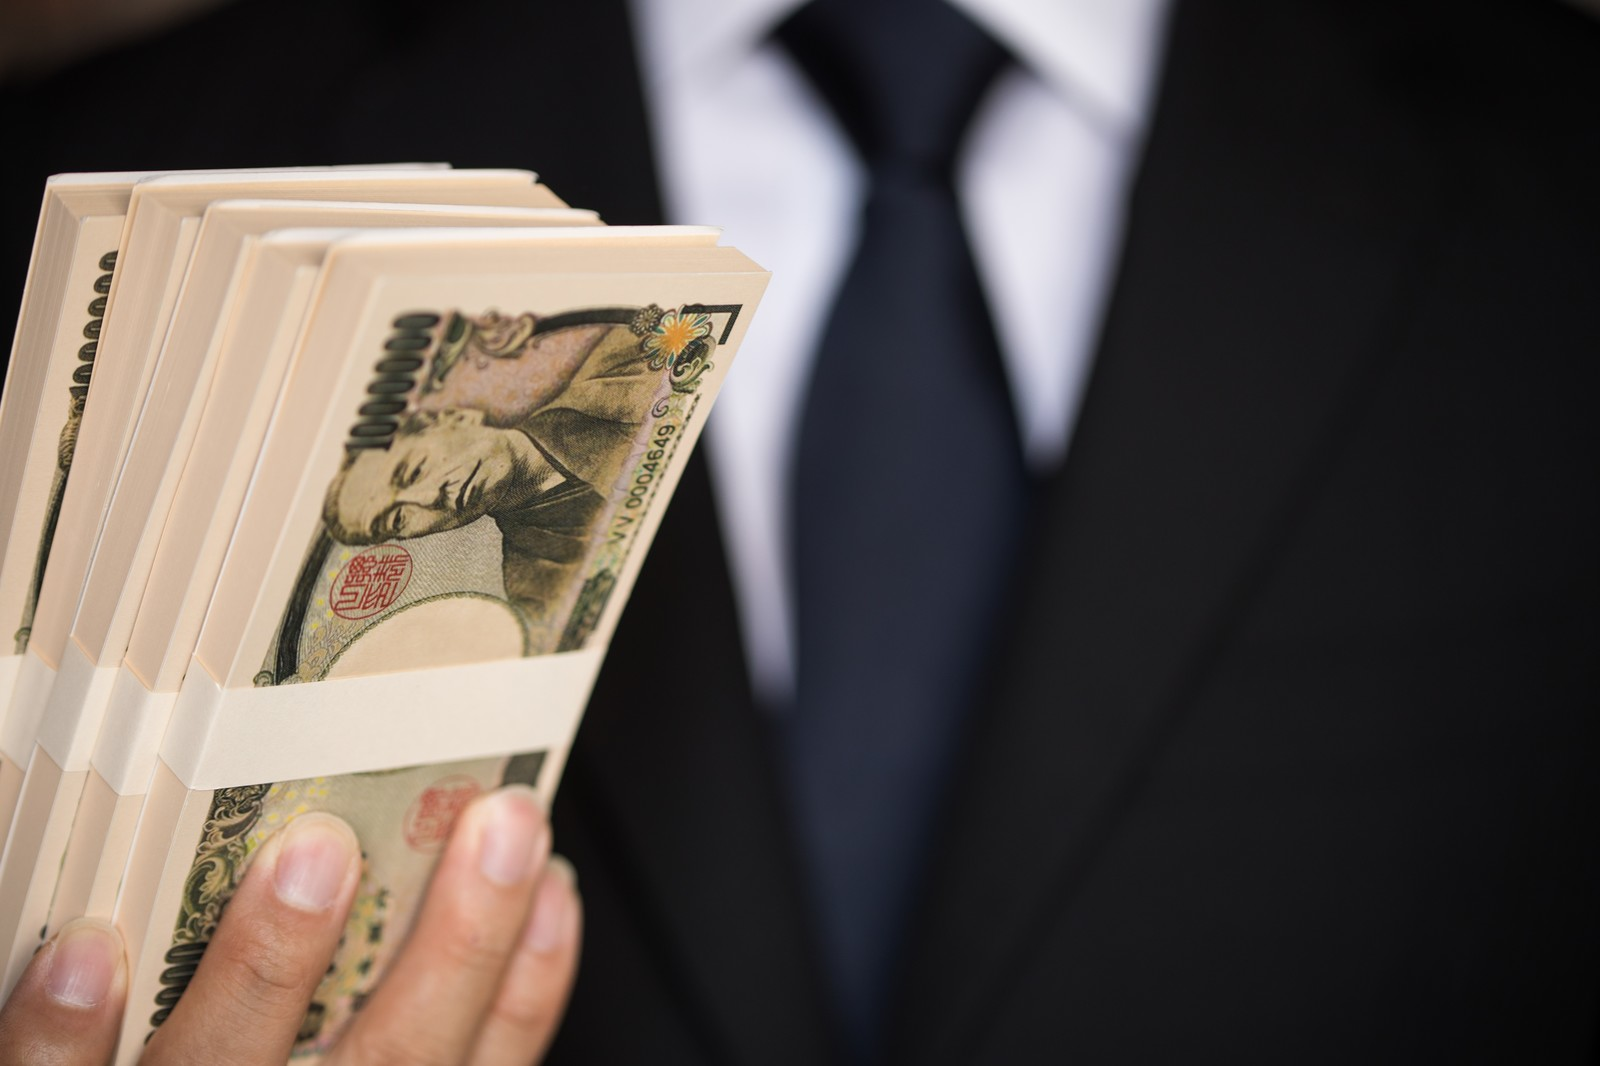 【旦那の年収1千万円】高収入の旦那なら専業主婦になれるのか?